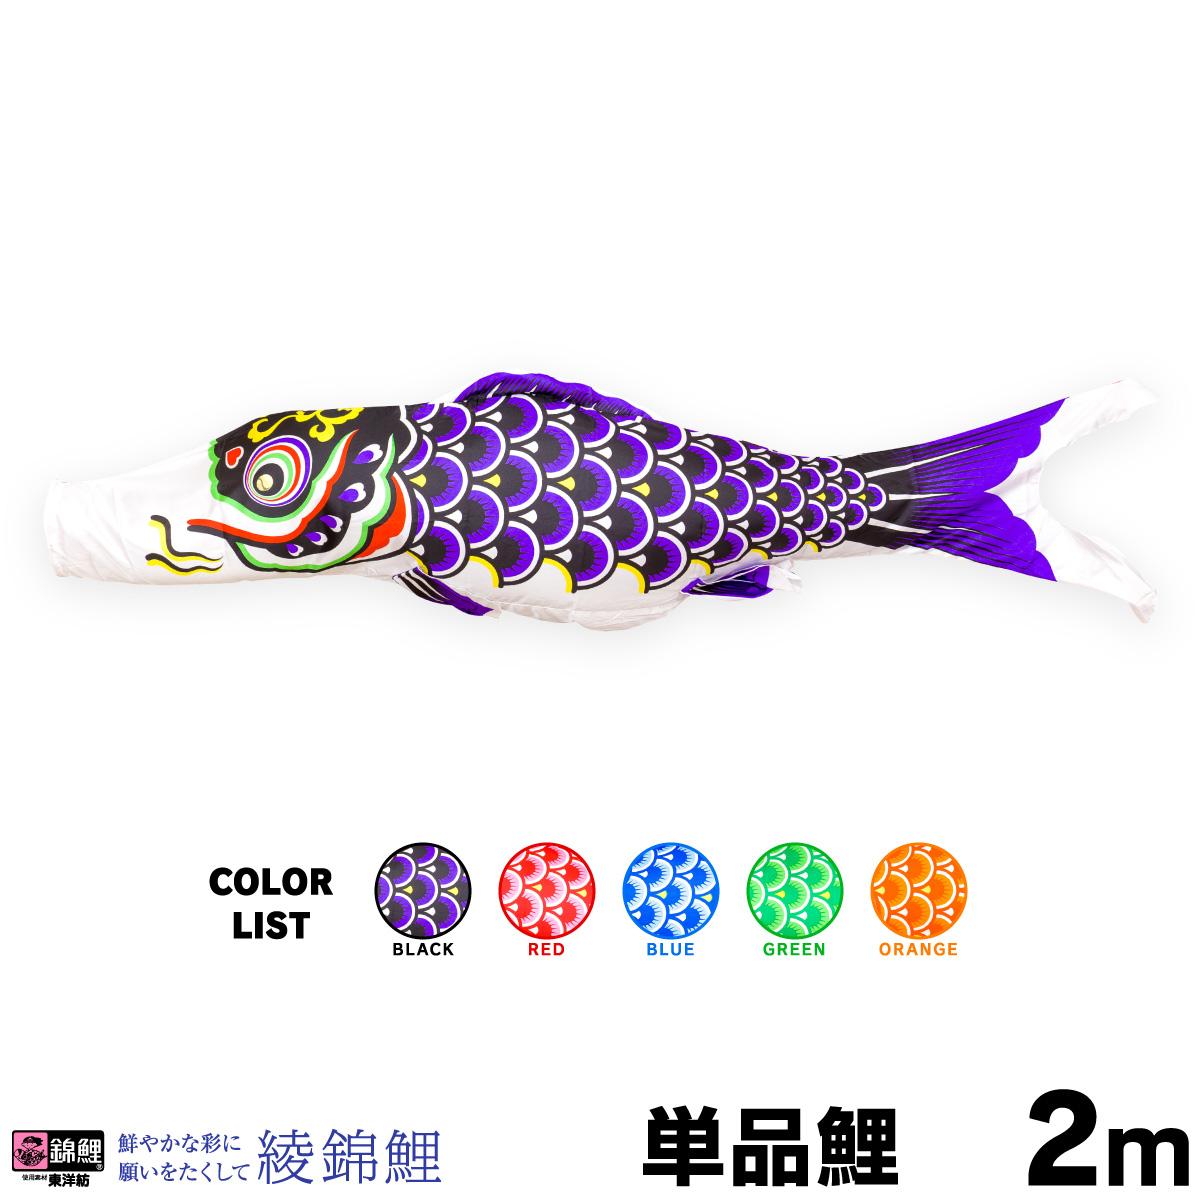 【こいのぼり 単品】 綾錦鯉 2m 単品鯉